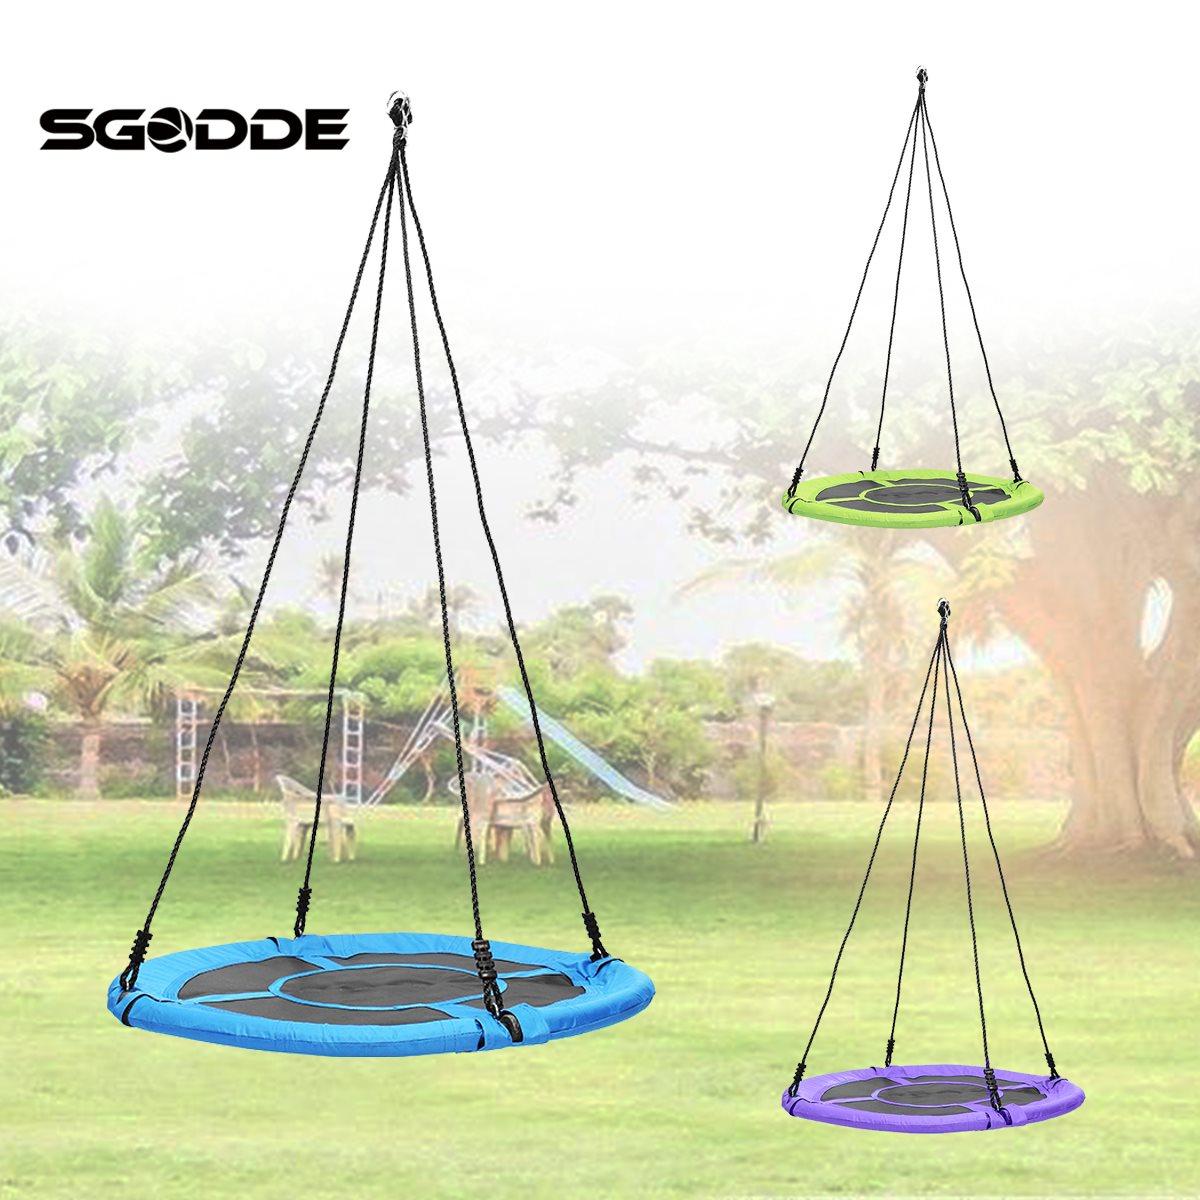 SGODDE Enfants Enfants Nid Rond Arbre Swing Grand Siège Hamacs En Plein Air Cour Équipement de Jeu 100 cm